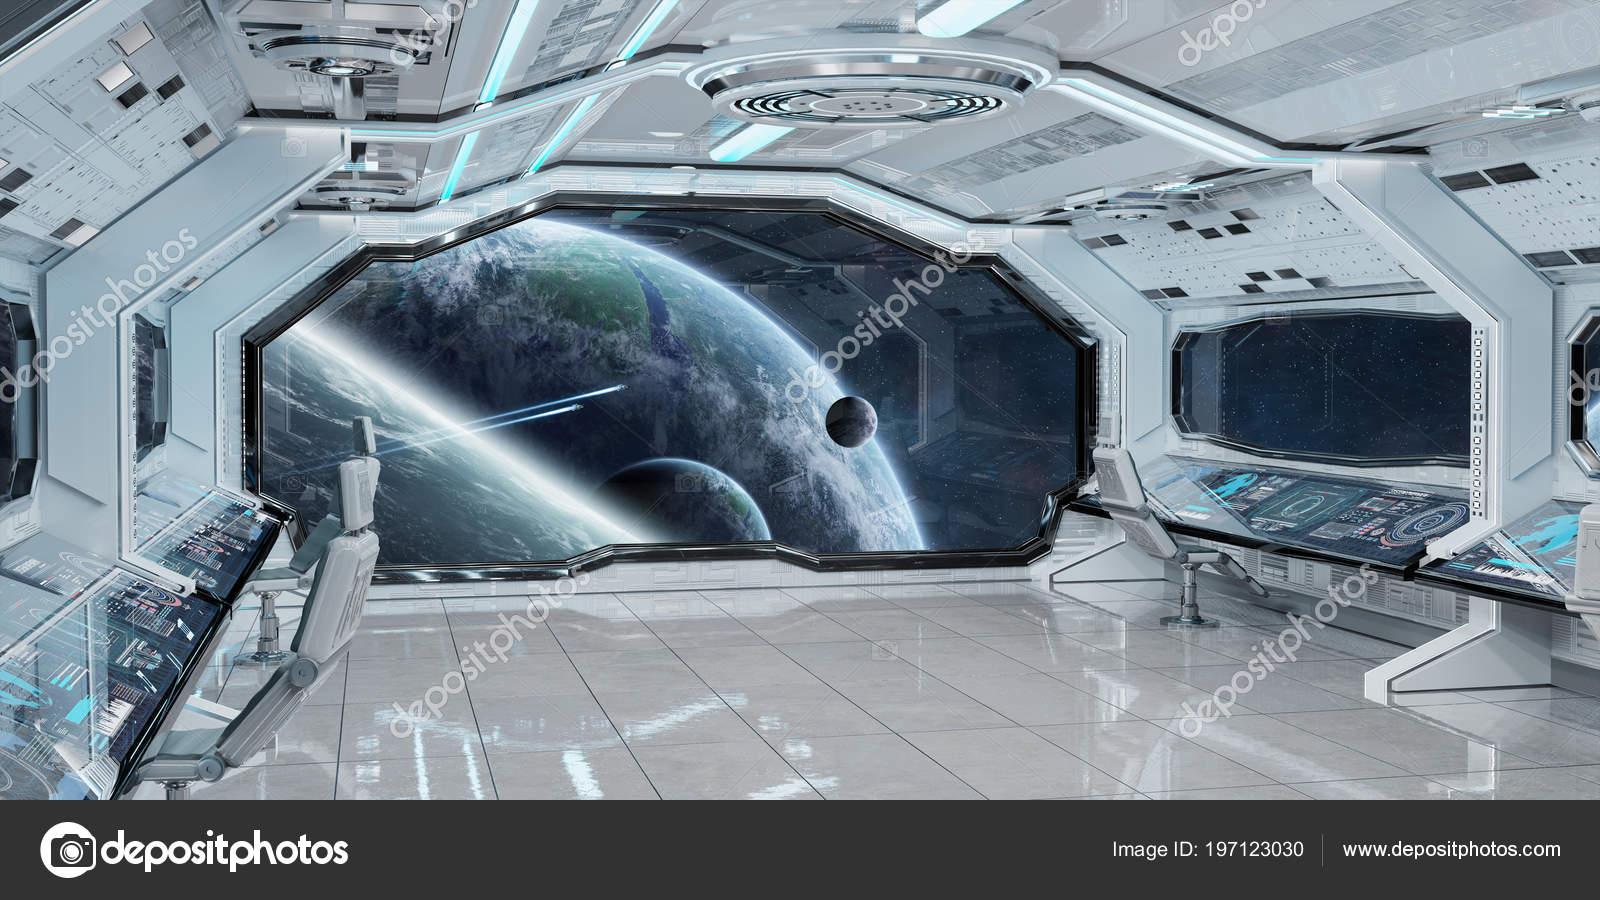 Interior De Ventana De Nave Espacial: Interior Nave Espacial Limpio Blanco Con Vistas Elementos